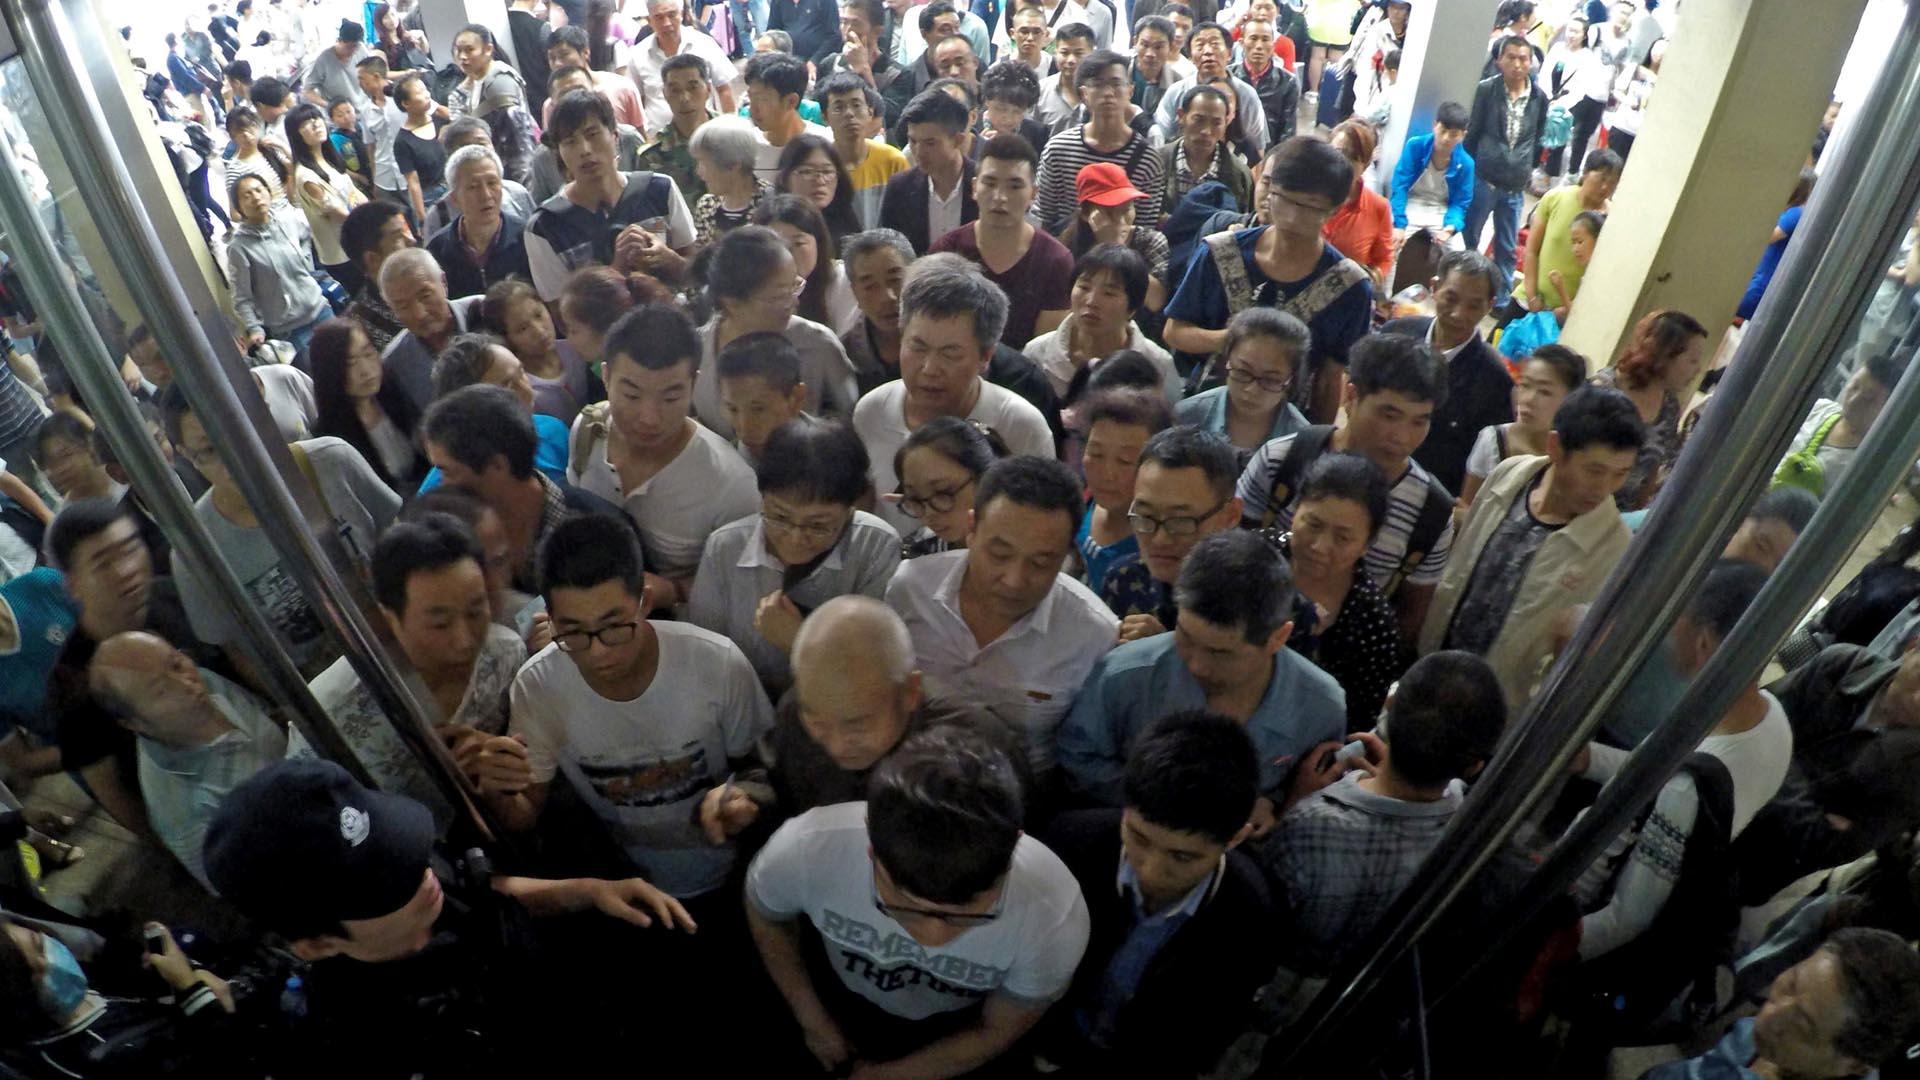 La Organización Mundial de la Salud dijo que una población envejecida representa una disminución de su crecimiento económico